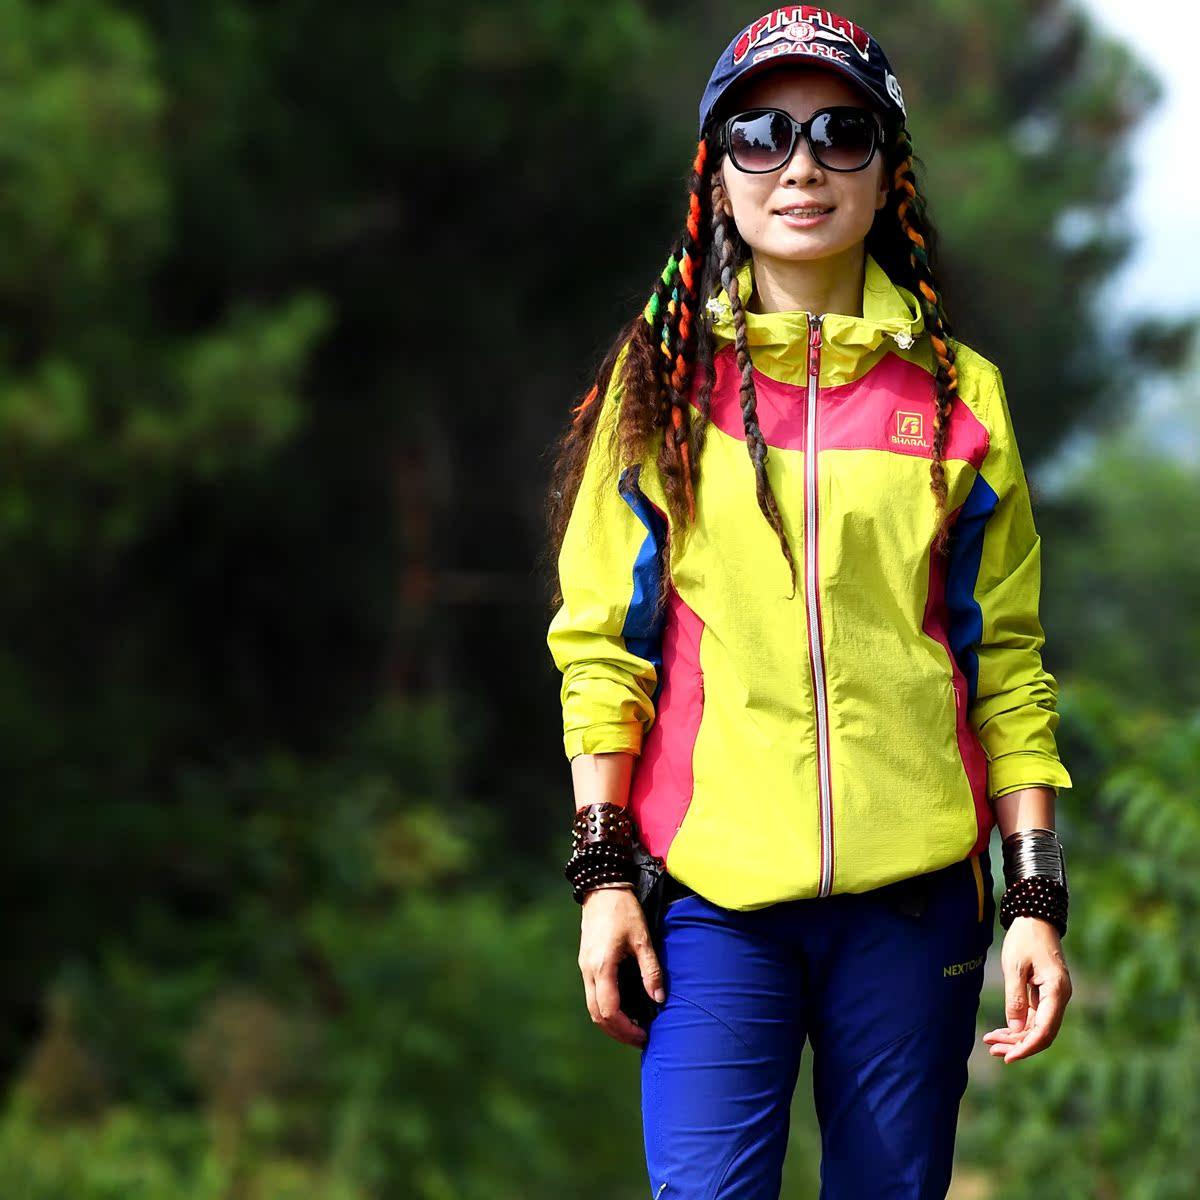 Пекин лес на открытом воздухе быстросохнущие одежда кожа ветровка весенний и осенний движение ветровка кардиган твердый пальто воздухопроницаемый женский